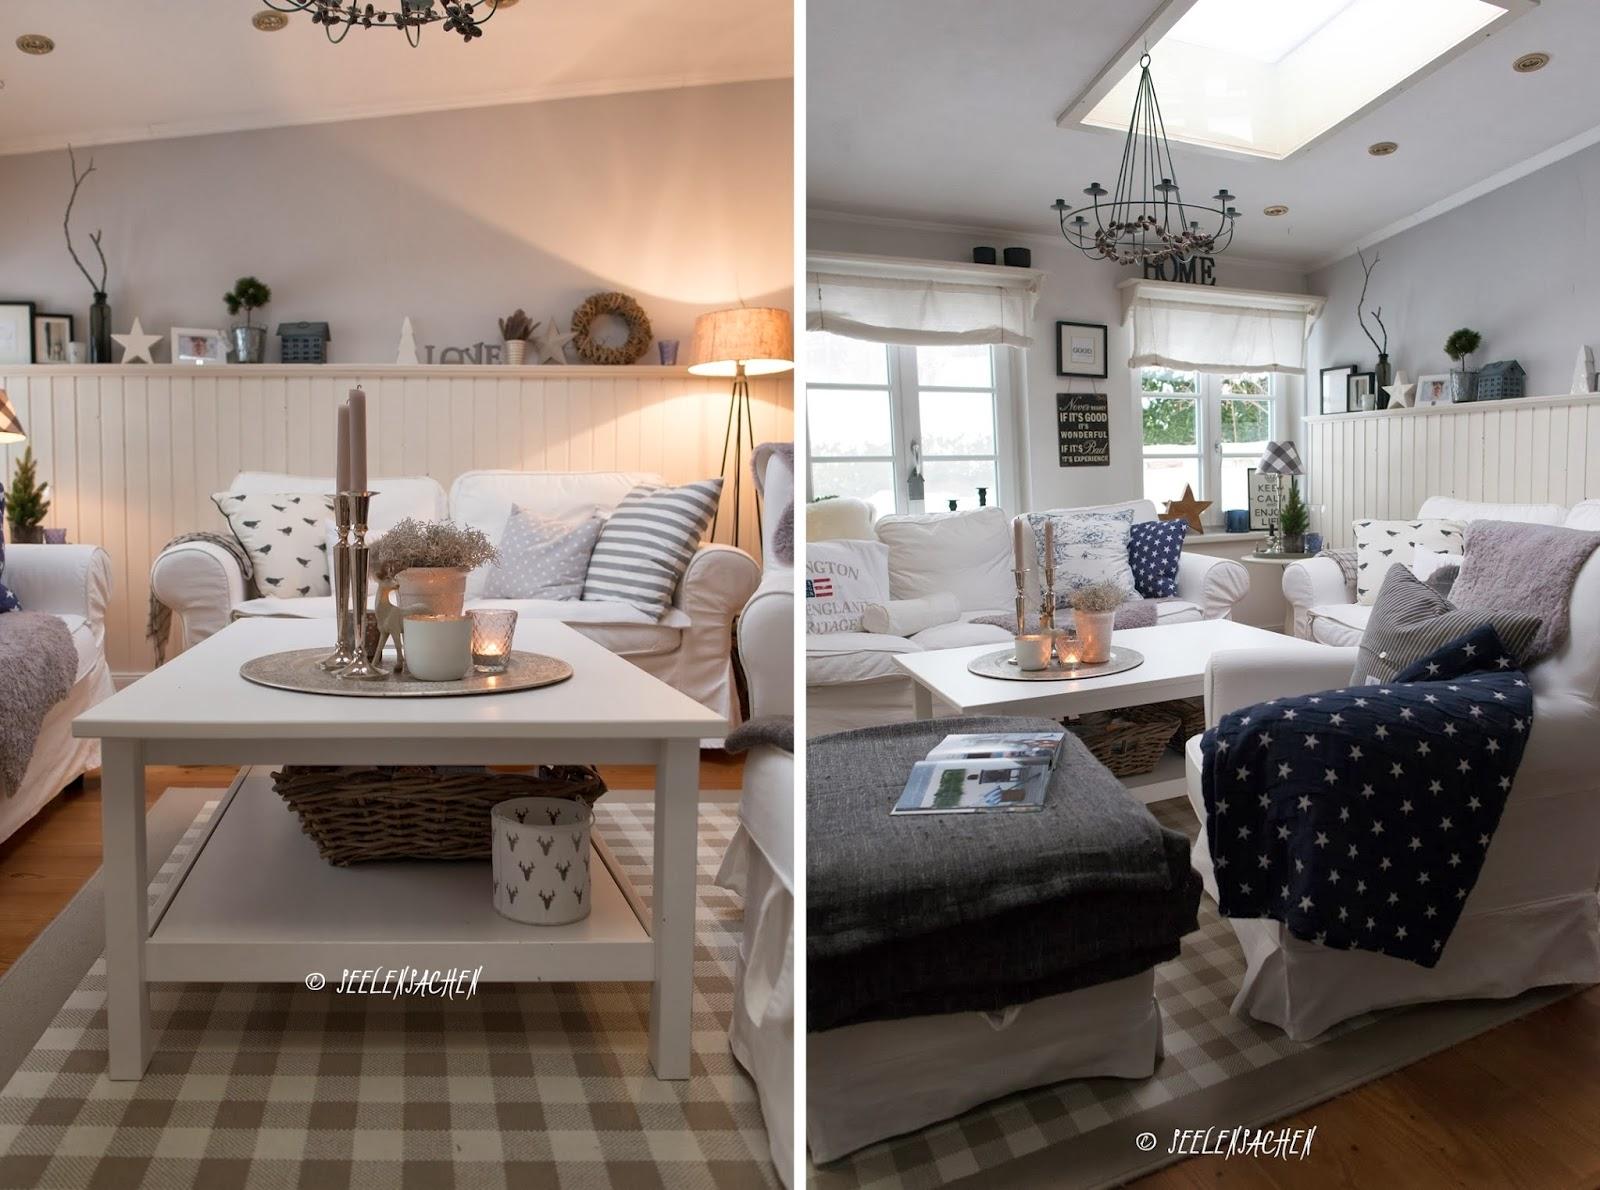 Wohnzimmer dekoration grau: einrichtungsideen wohnzimmer rustikal ...